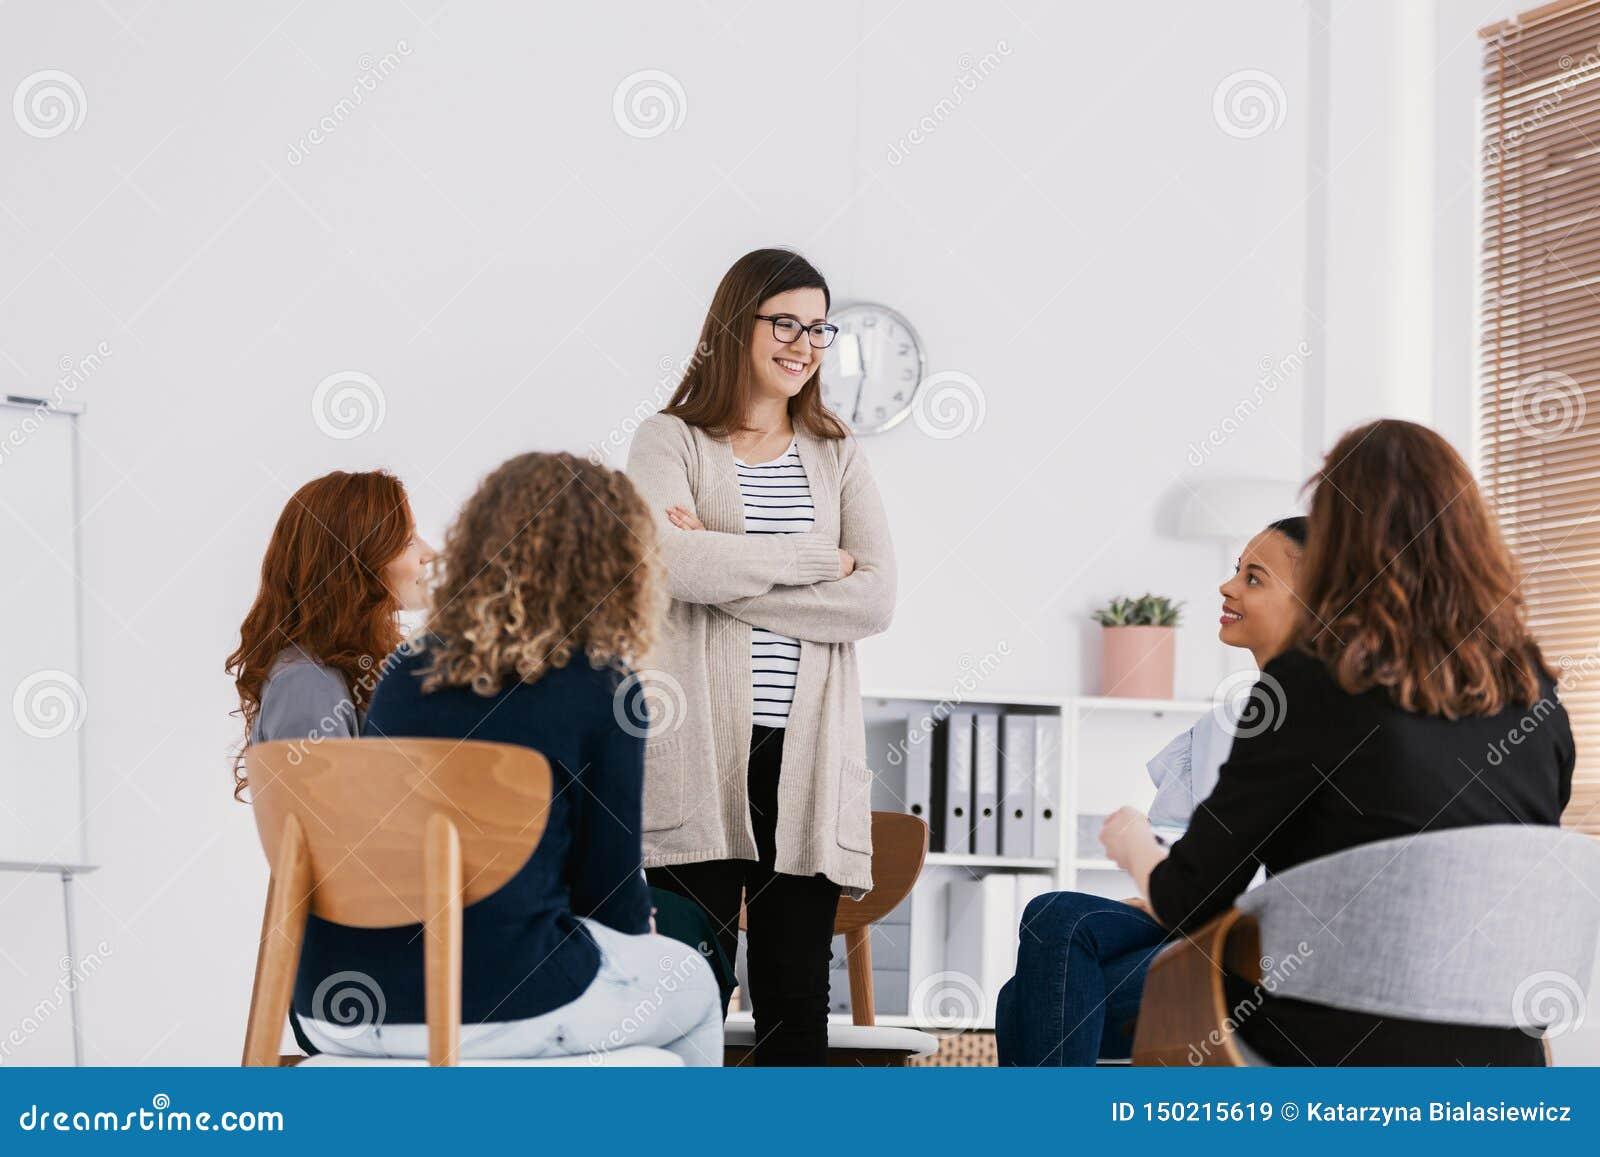 Πρώτη συνεδρίαση της συνεδρίασης των ομάδων στήριξης ζητημάτων των γυναικών, έννοια θεραπείας ομάδας